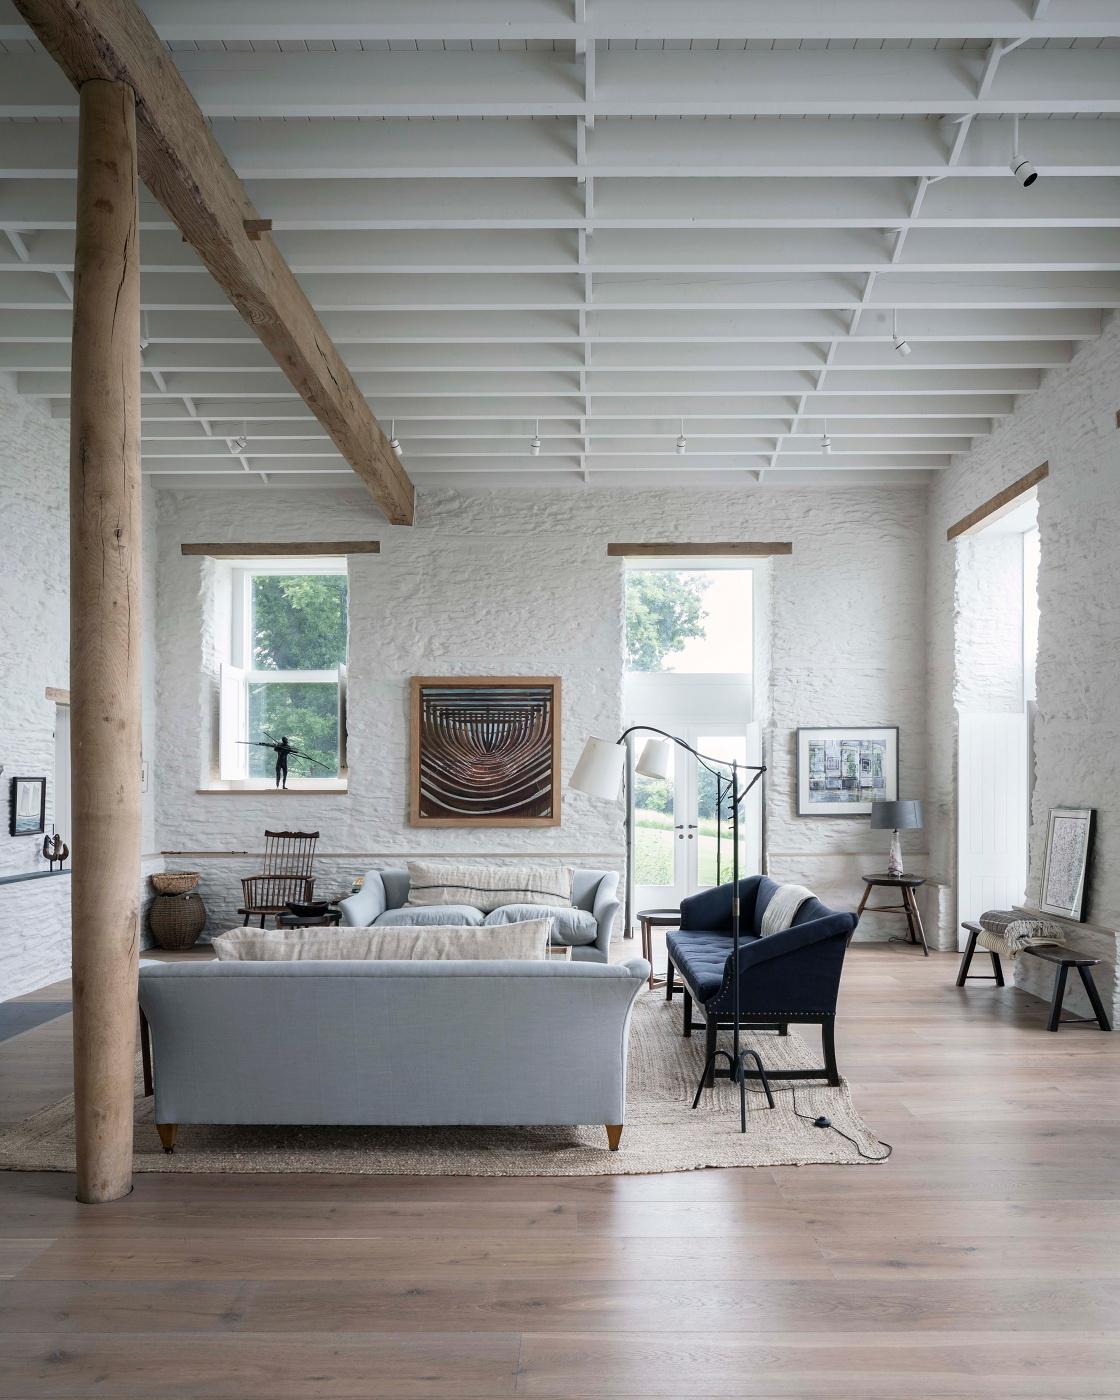 Utah Home Design Architects: Coastal House